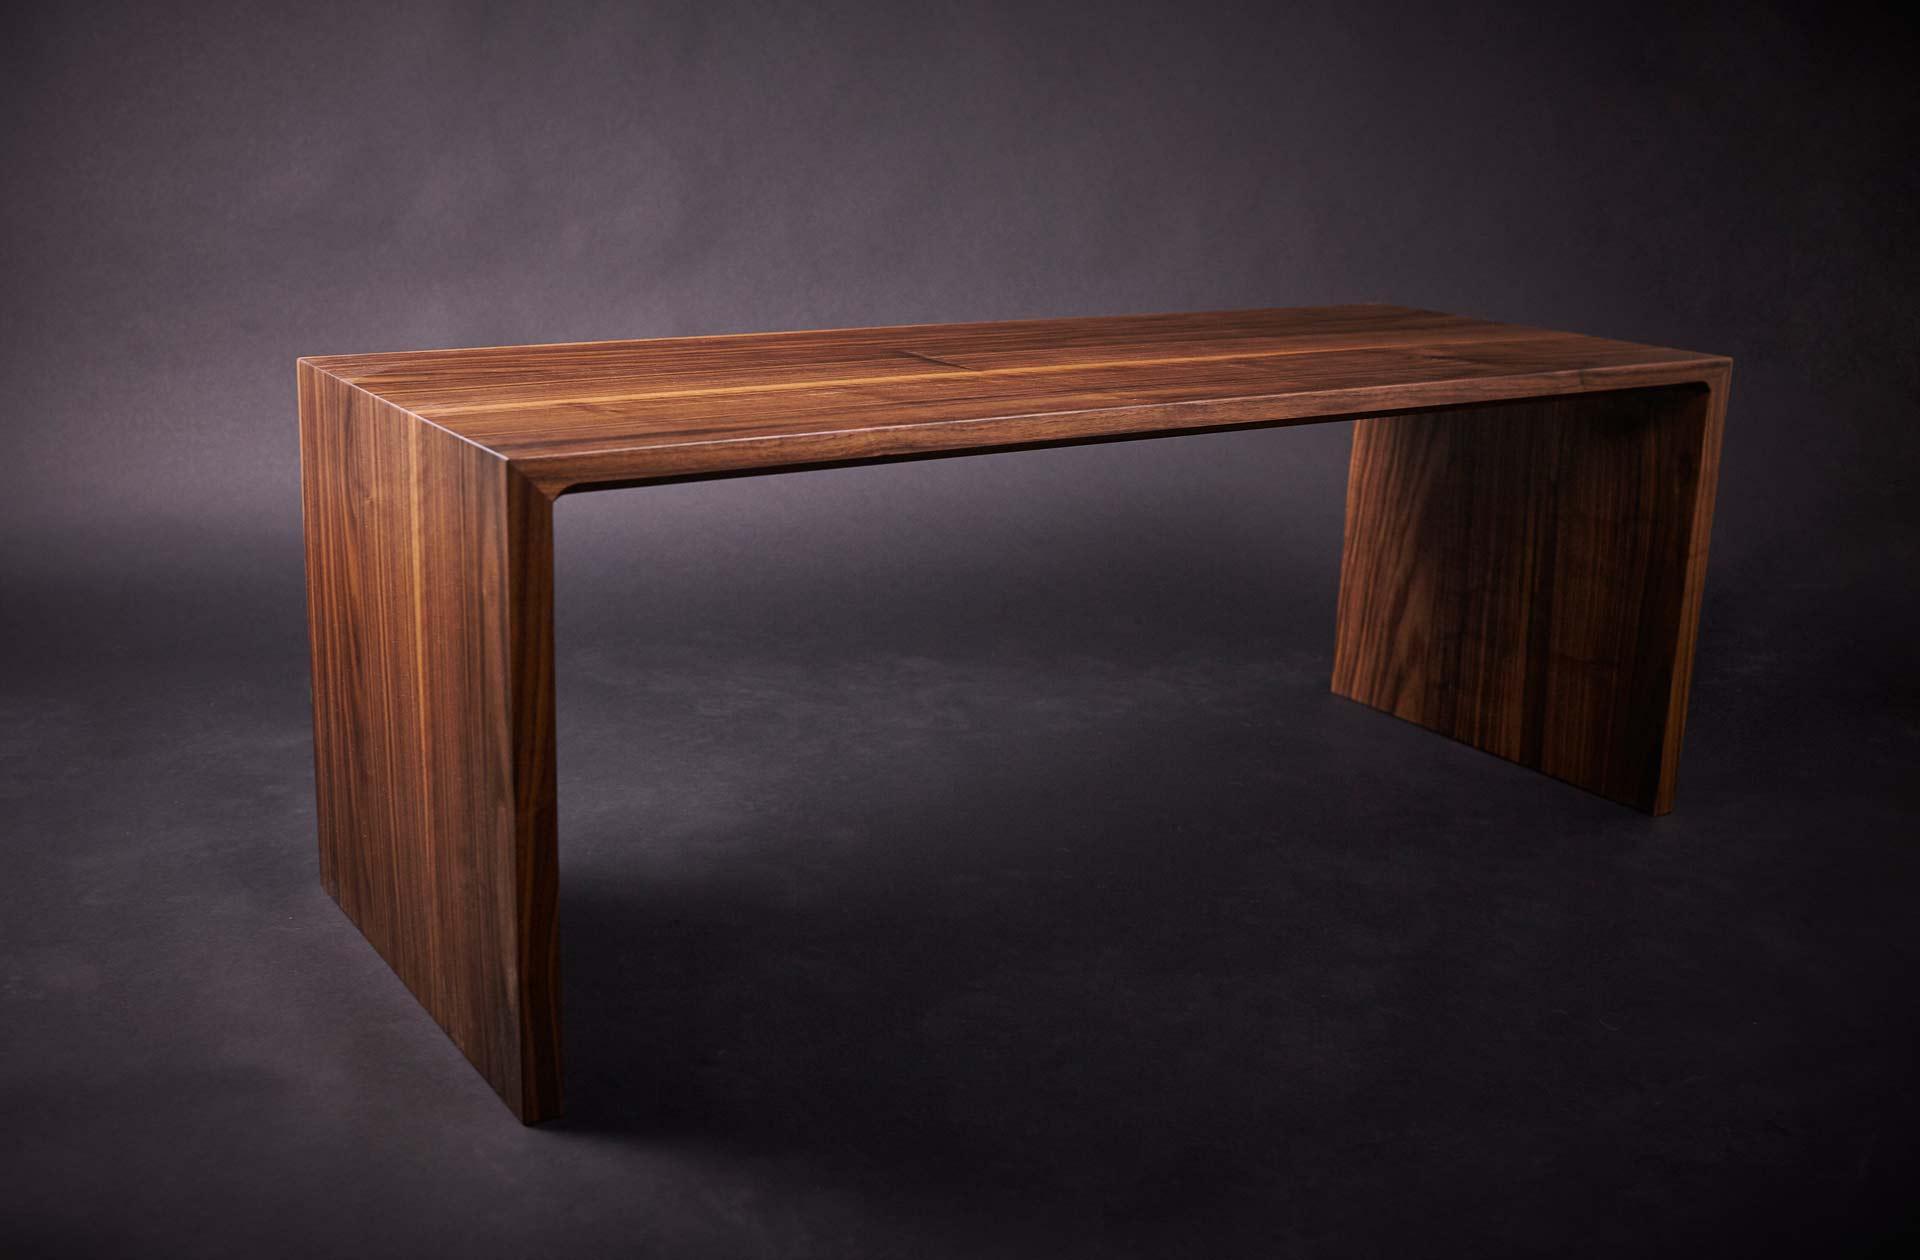 Designer Sitzbank aus massiven Nussholz auf schwarzem Hintergrund in der Seitenansicht.